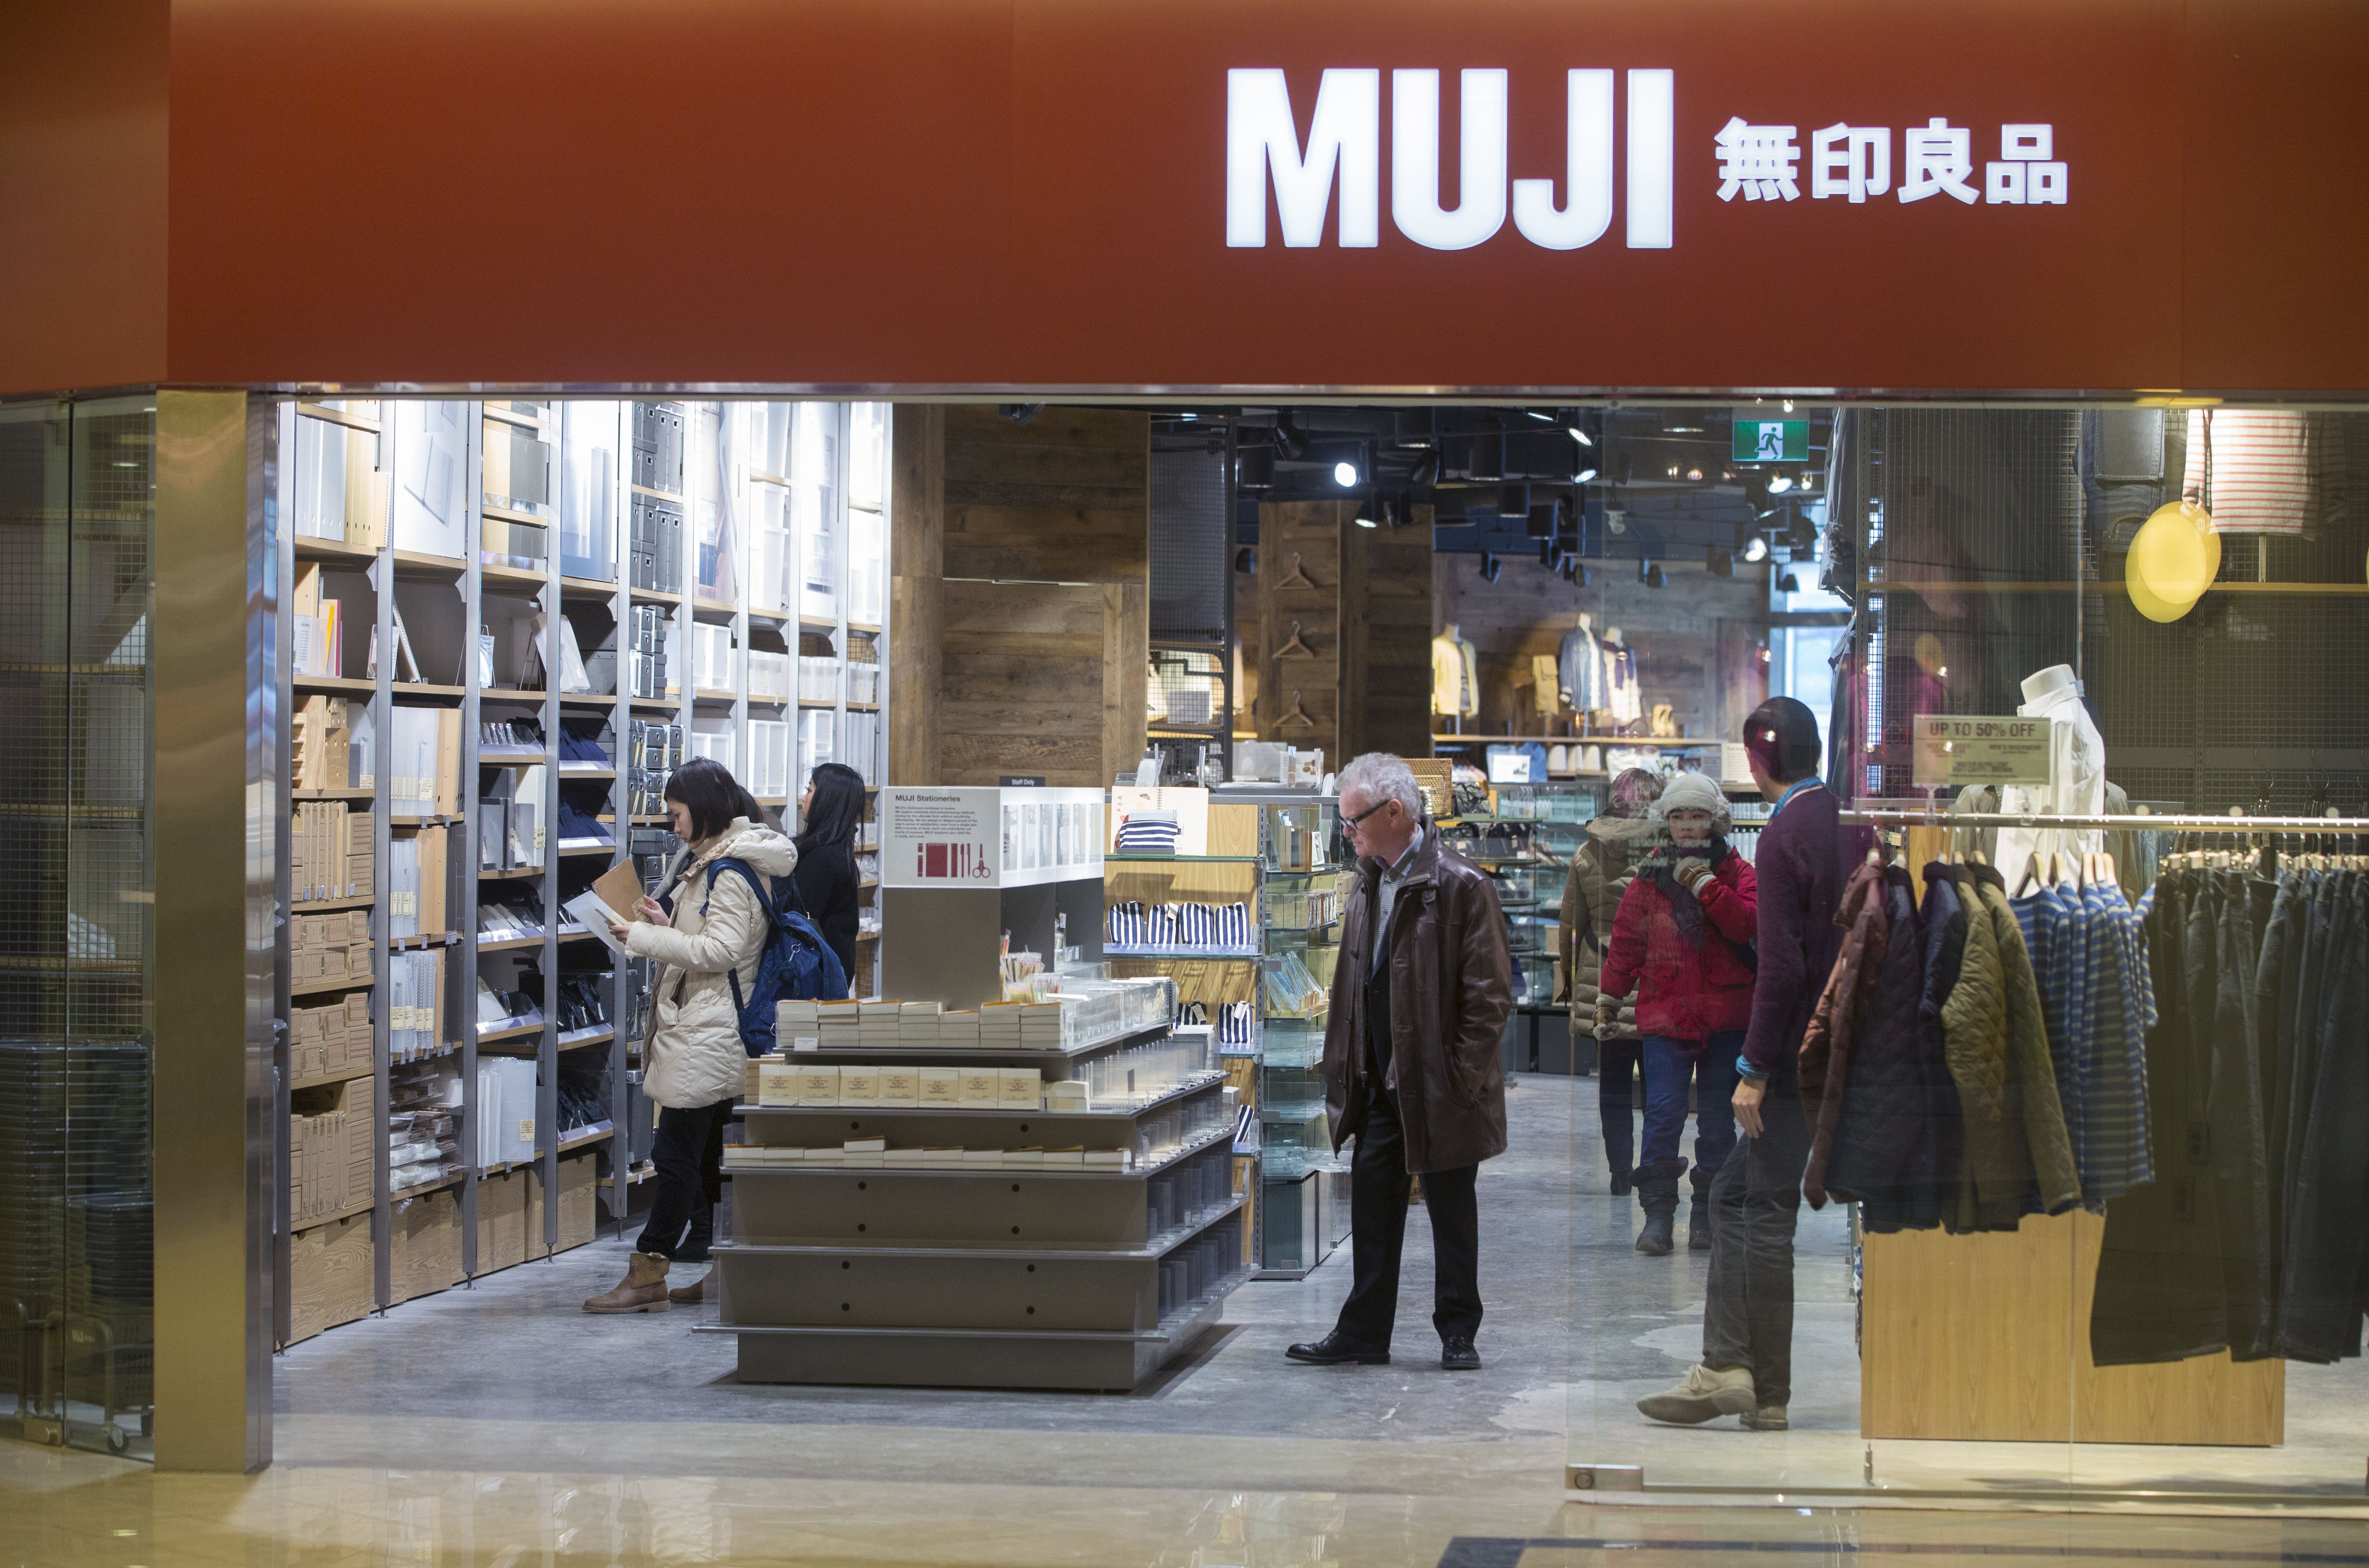 Soho Muji 28 Images Soho Muji Meets Idee